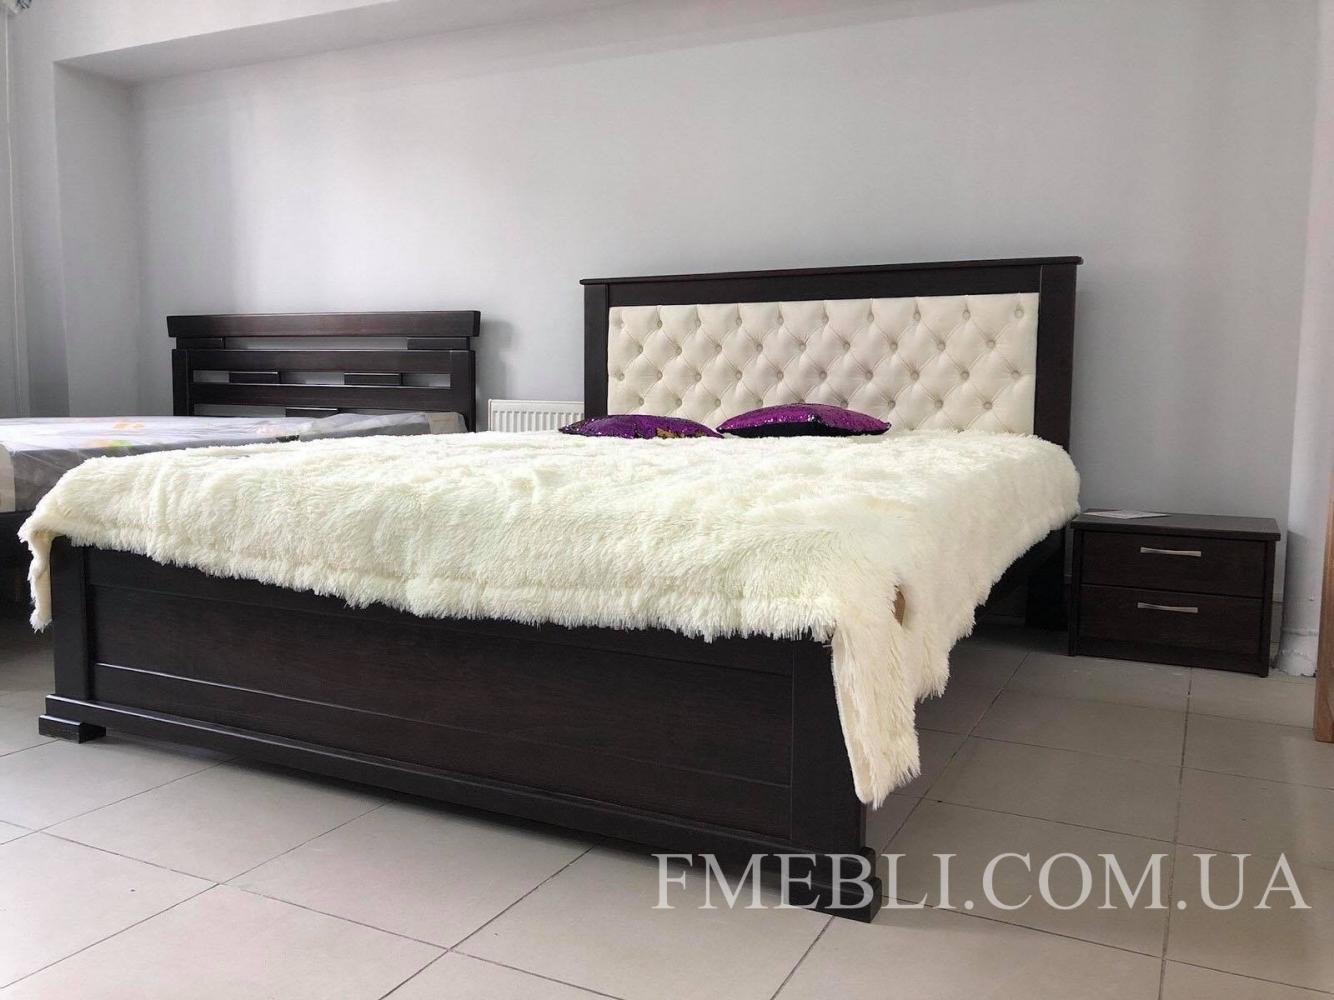 Ліжко Лорд М50 ЛЕВ 8